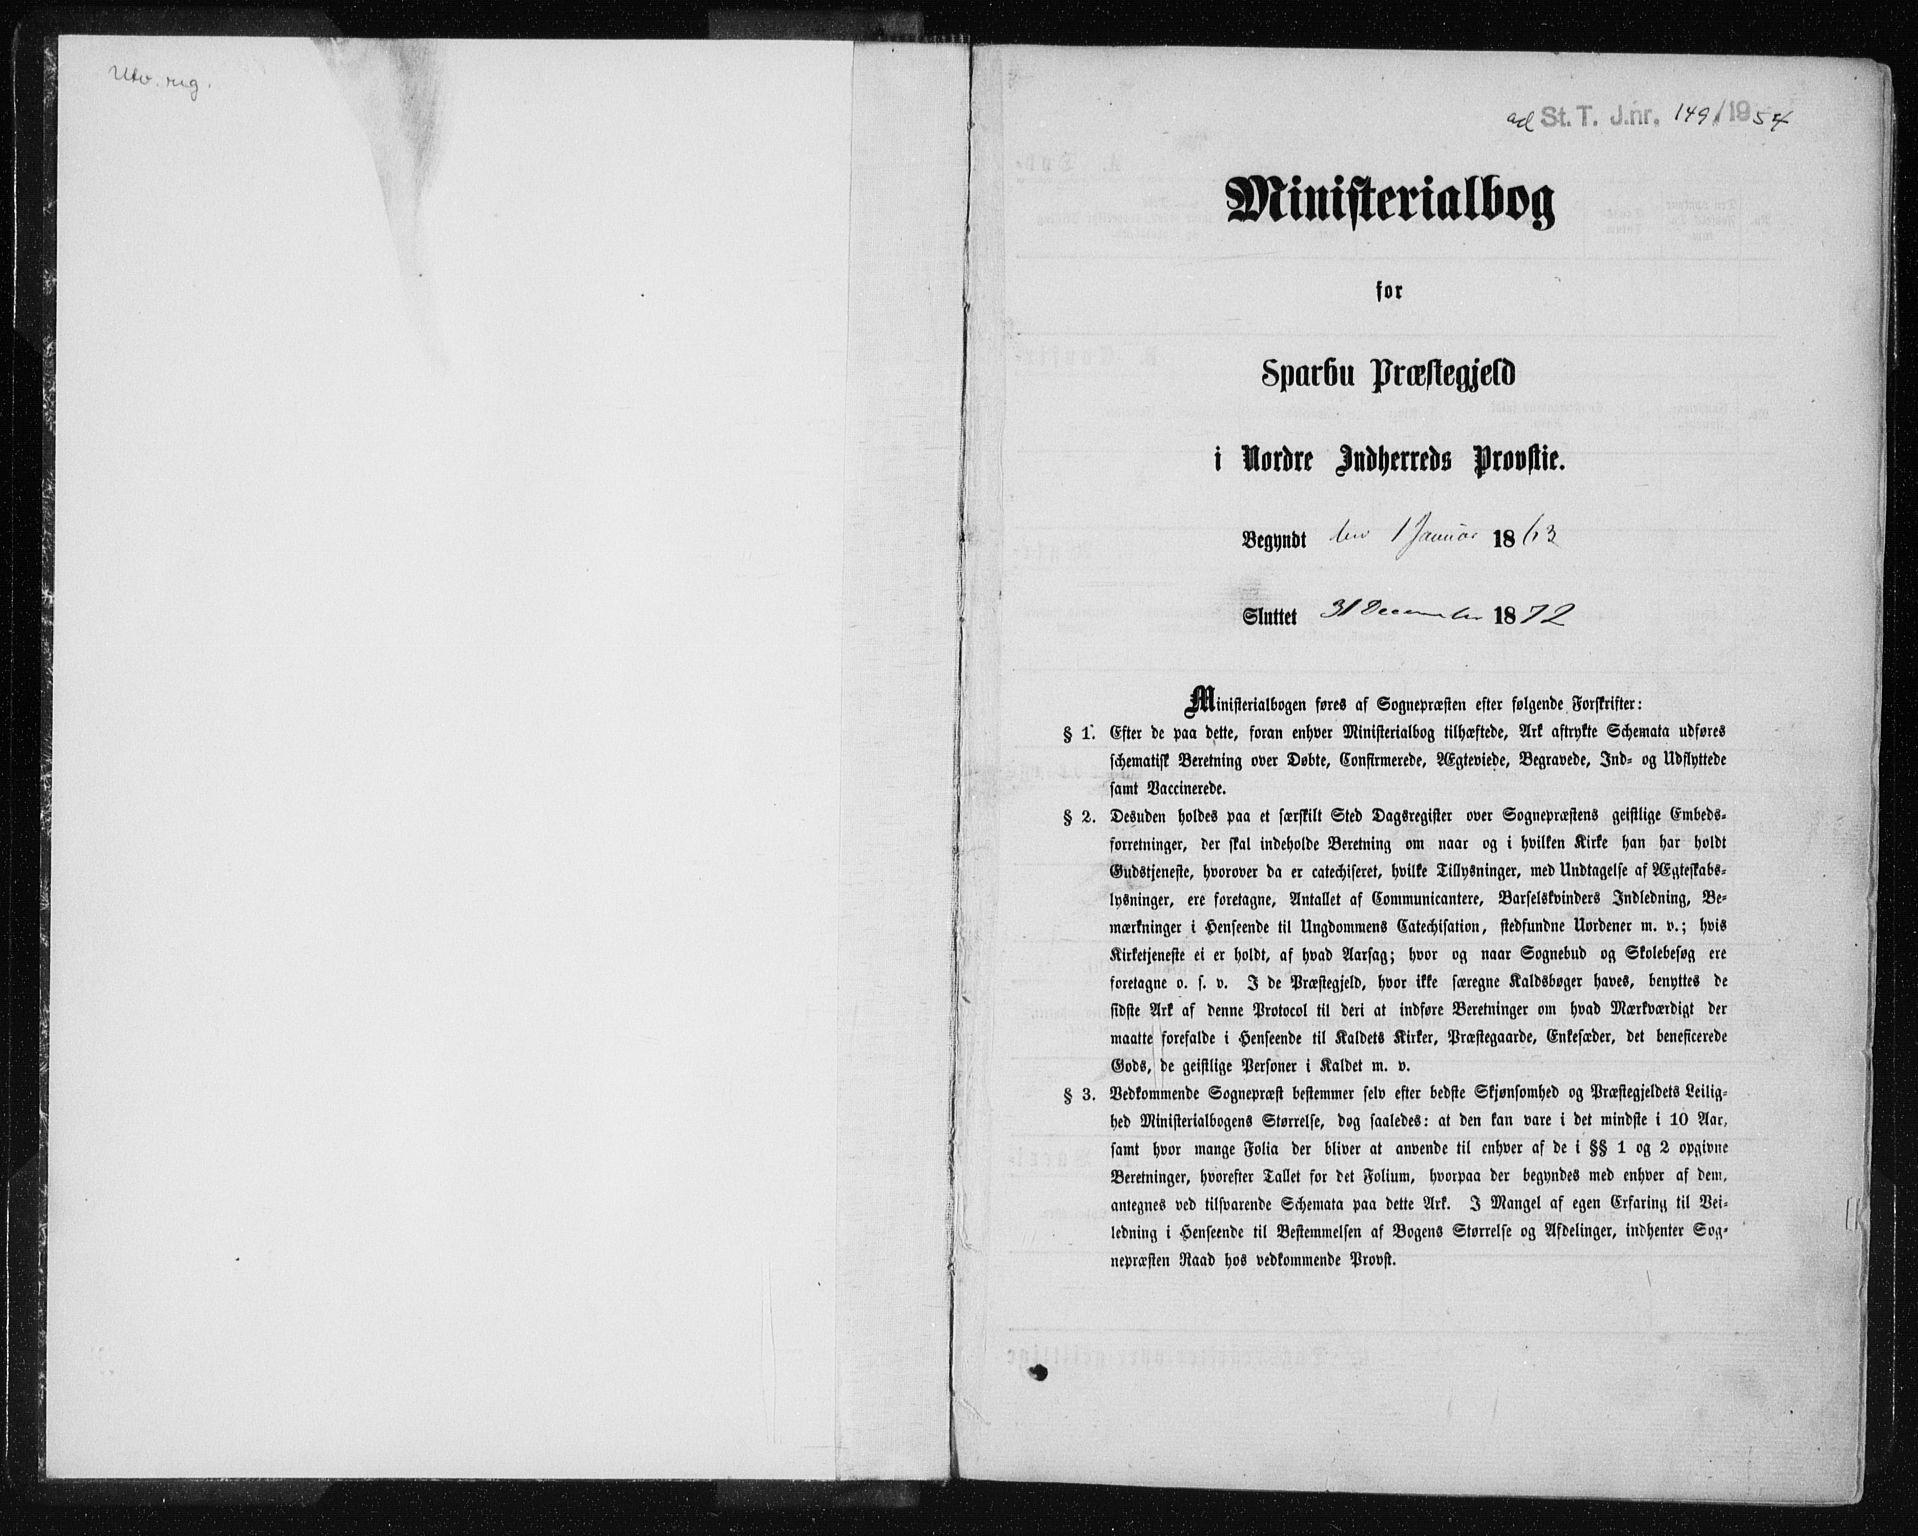 SAT, Ministerialprotokoller, klokkerbøker og fødselsregistre - Nord-Trøndelag, 735/L0345: Ministerialbok nr. 735A08 /2, 1863-1872